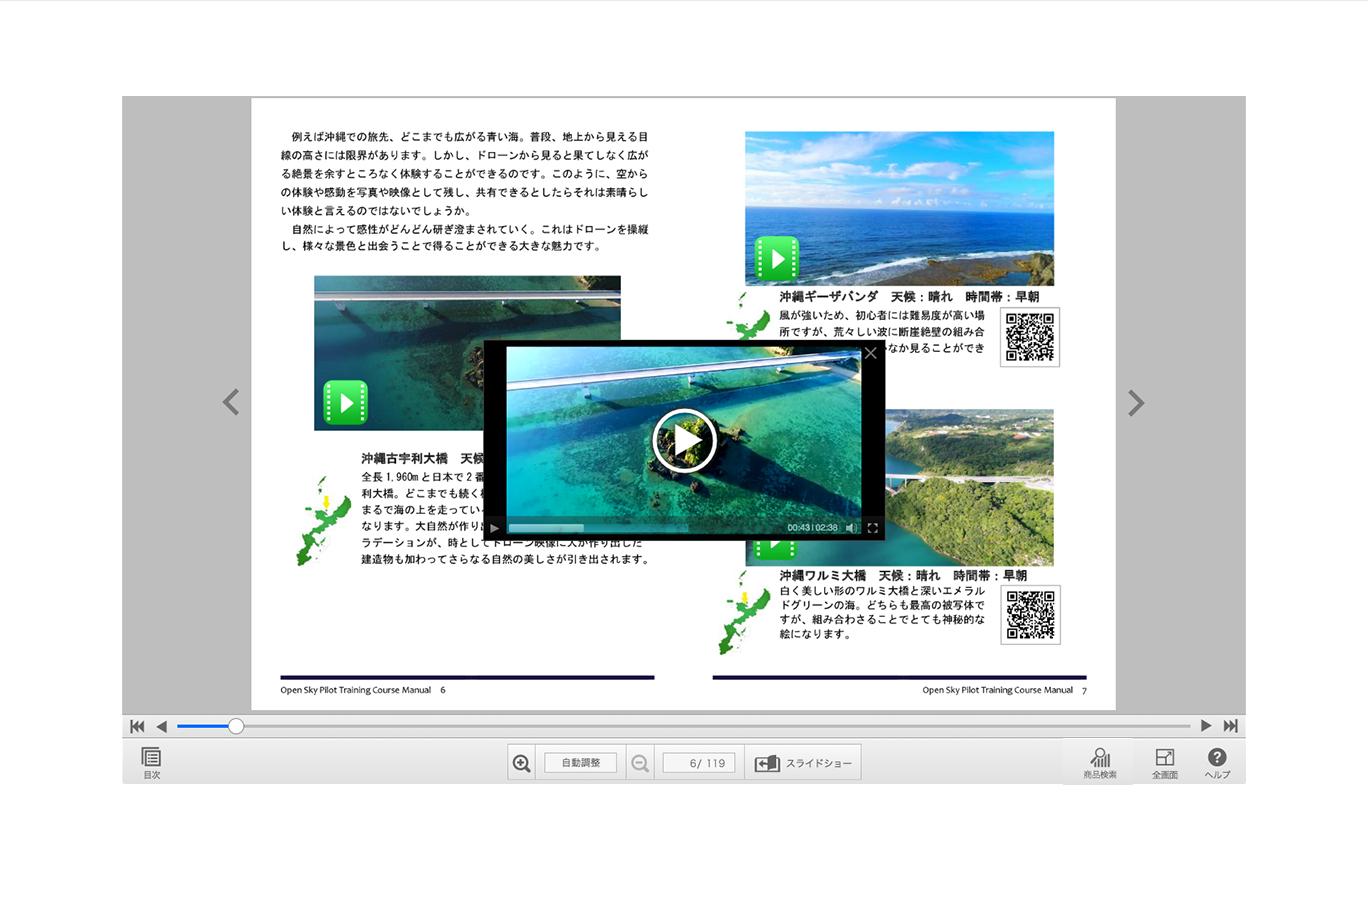 動画・音声埋込の使用イメージ